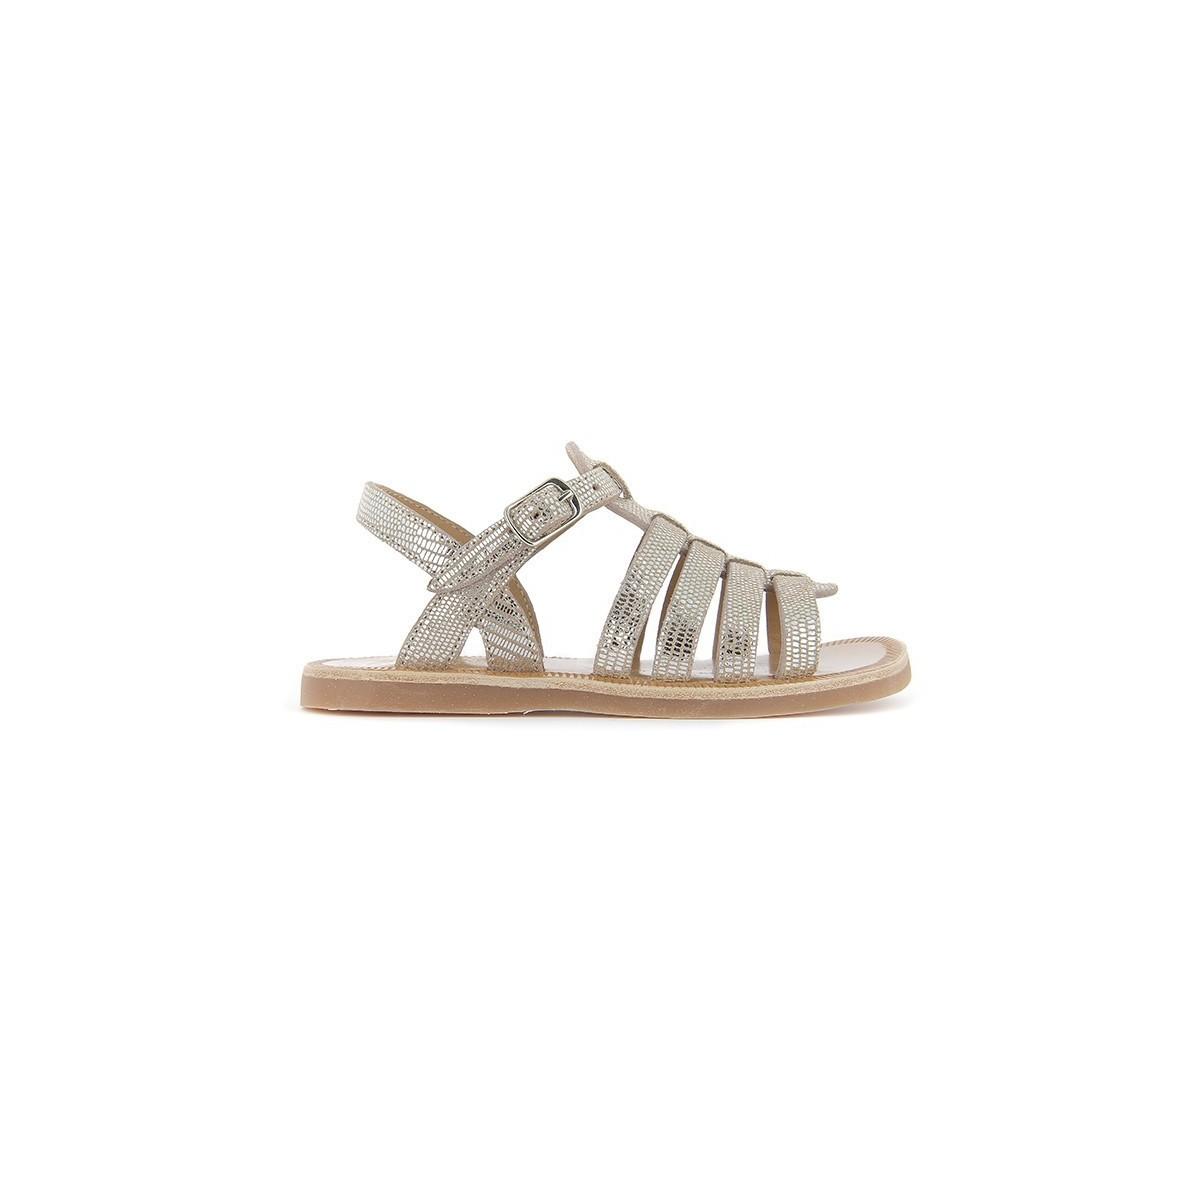 Sandale plagette strap 1 boucle cuir Beige/Argent